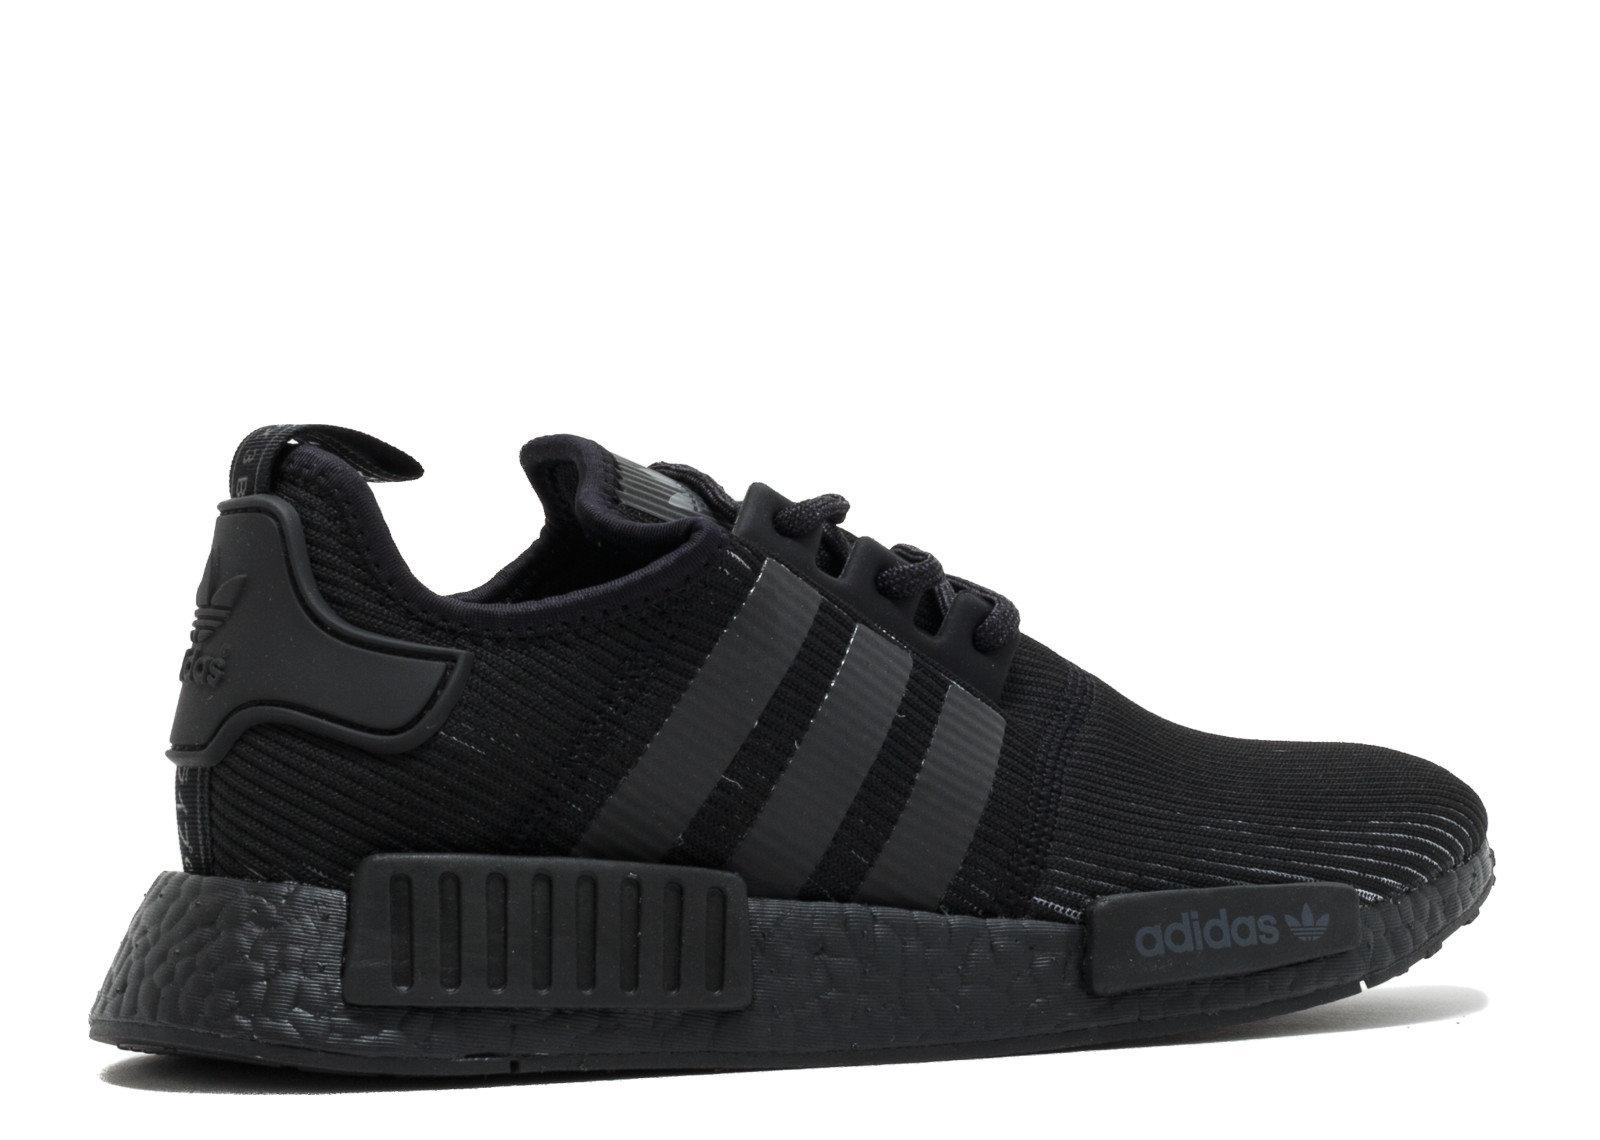 best website c928d 32e0f greece adidas nmd runner triple negro reflective decals ...